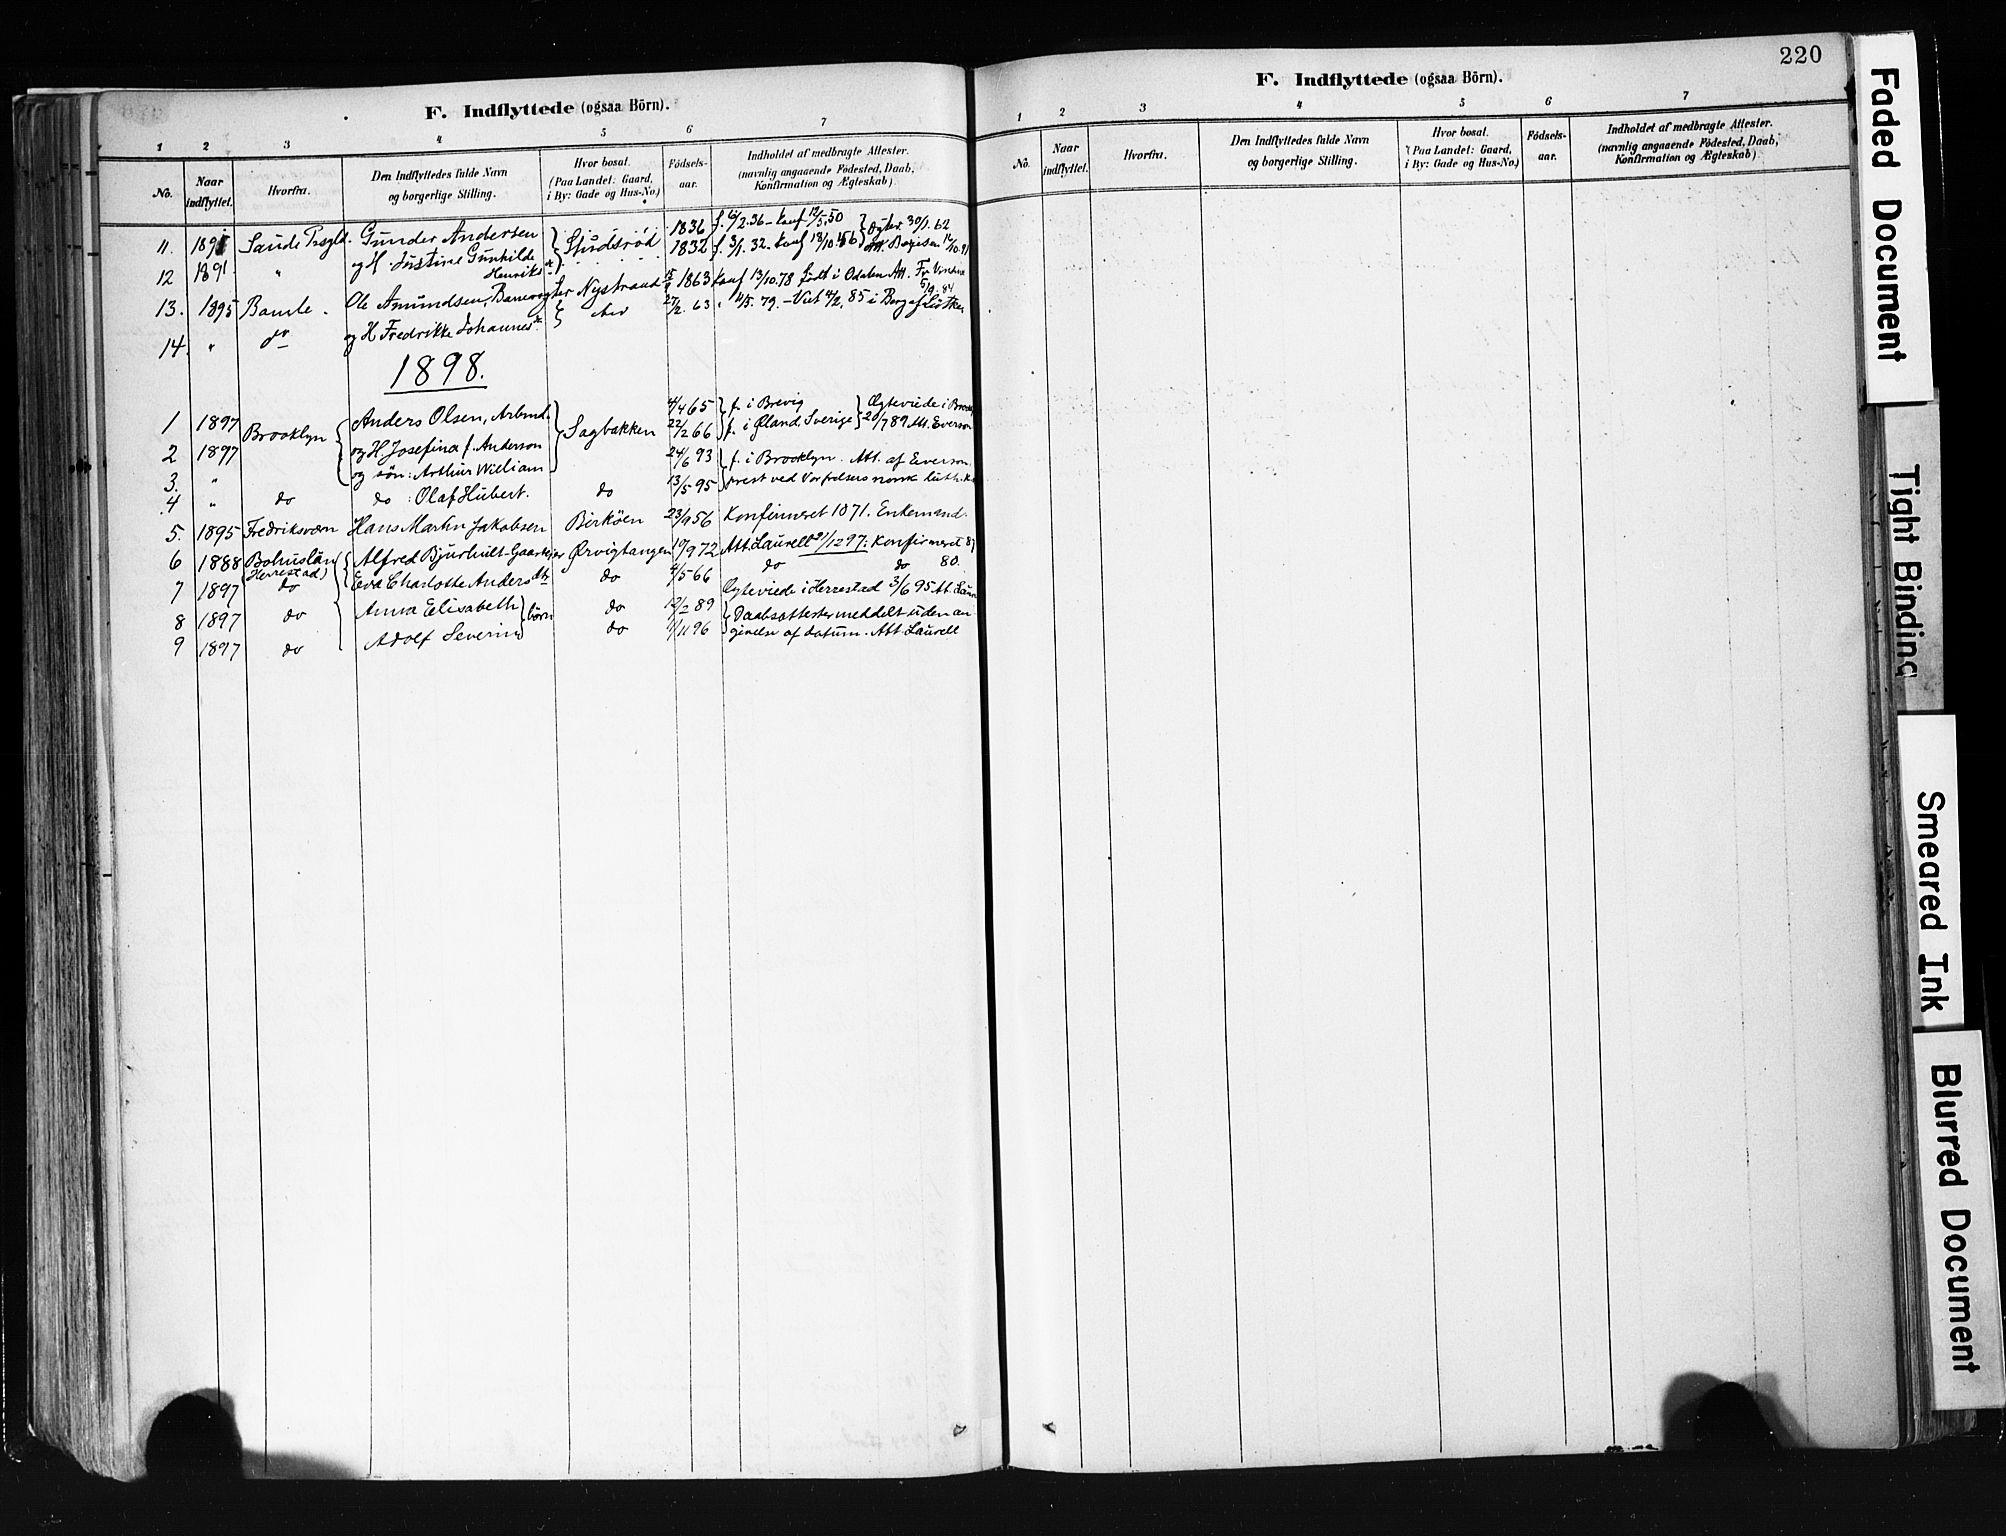 SAKO, Eidanger kirkebøker, F/Fa/L0012: Ministerialbok nr. 12, 1879-1900, s. 220